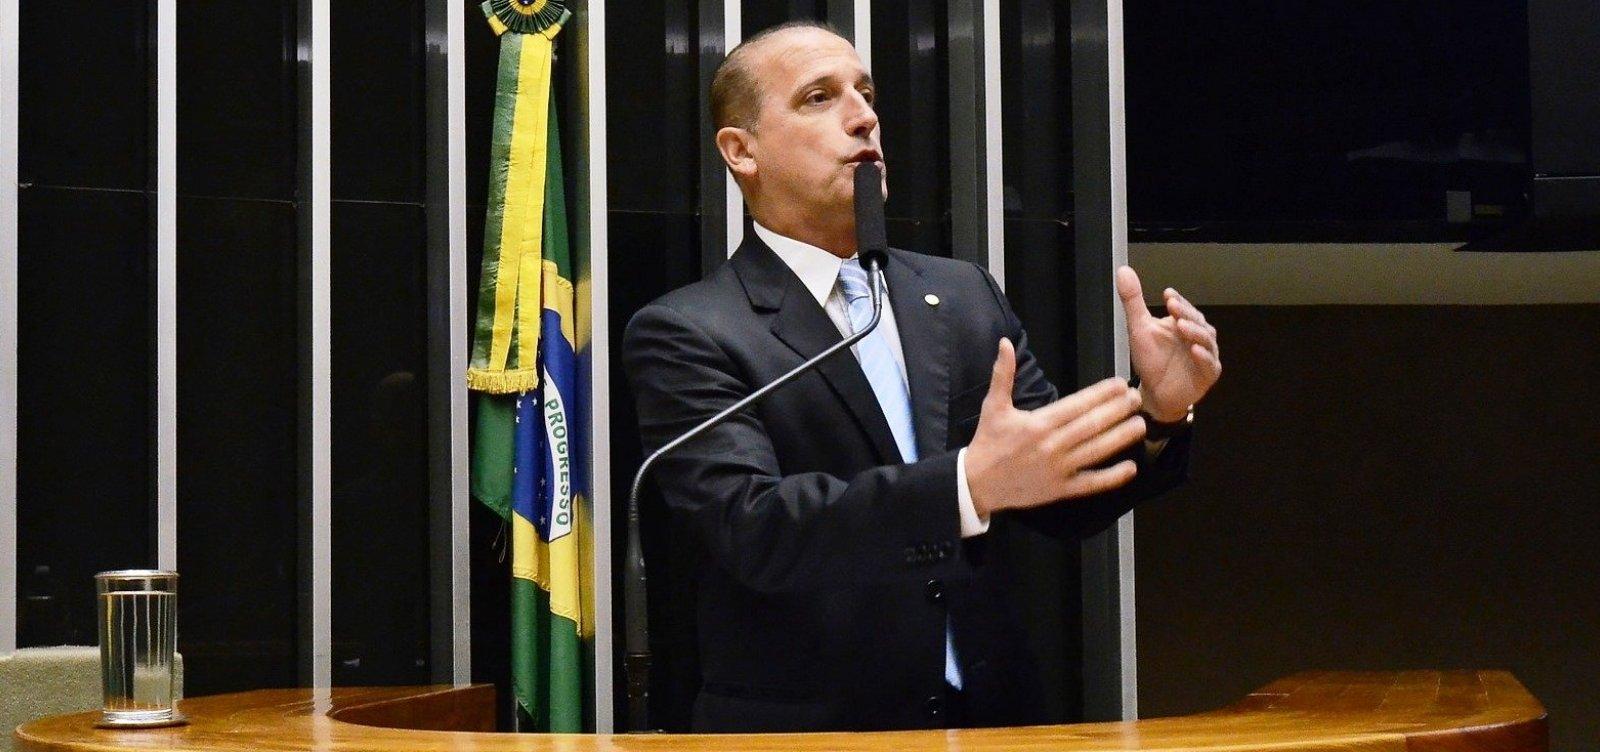 [Articulador de governo Bolsonaro, Lorenzoni só aprovou dois projetos no Congresso]